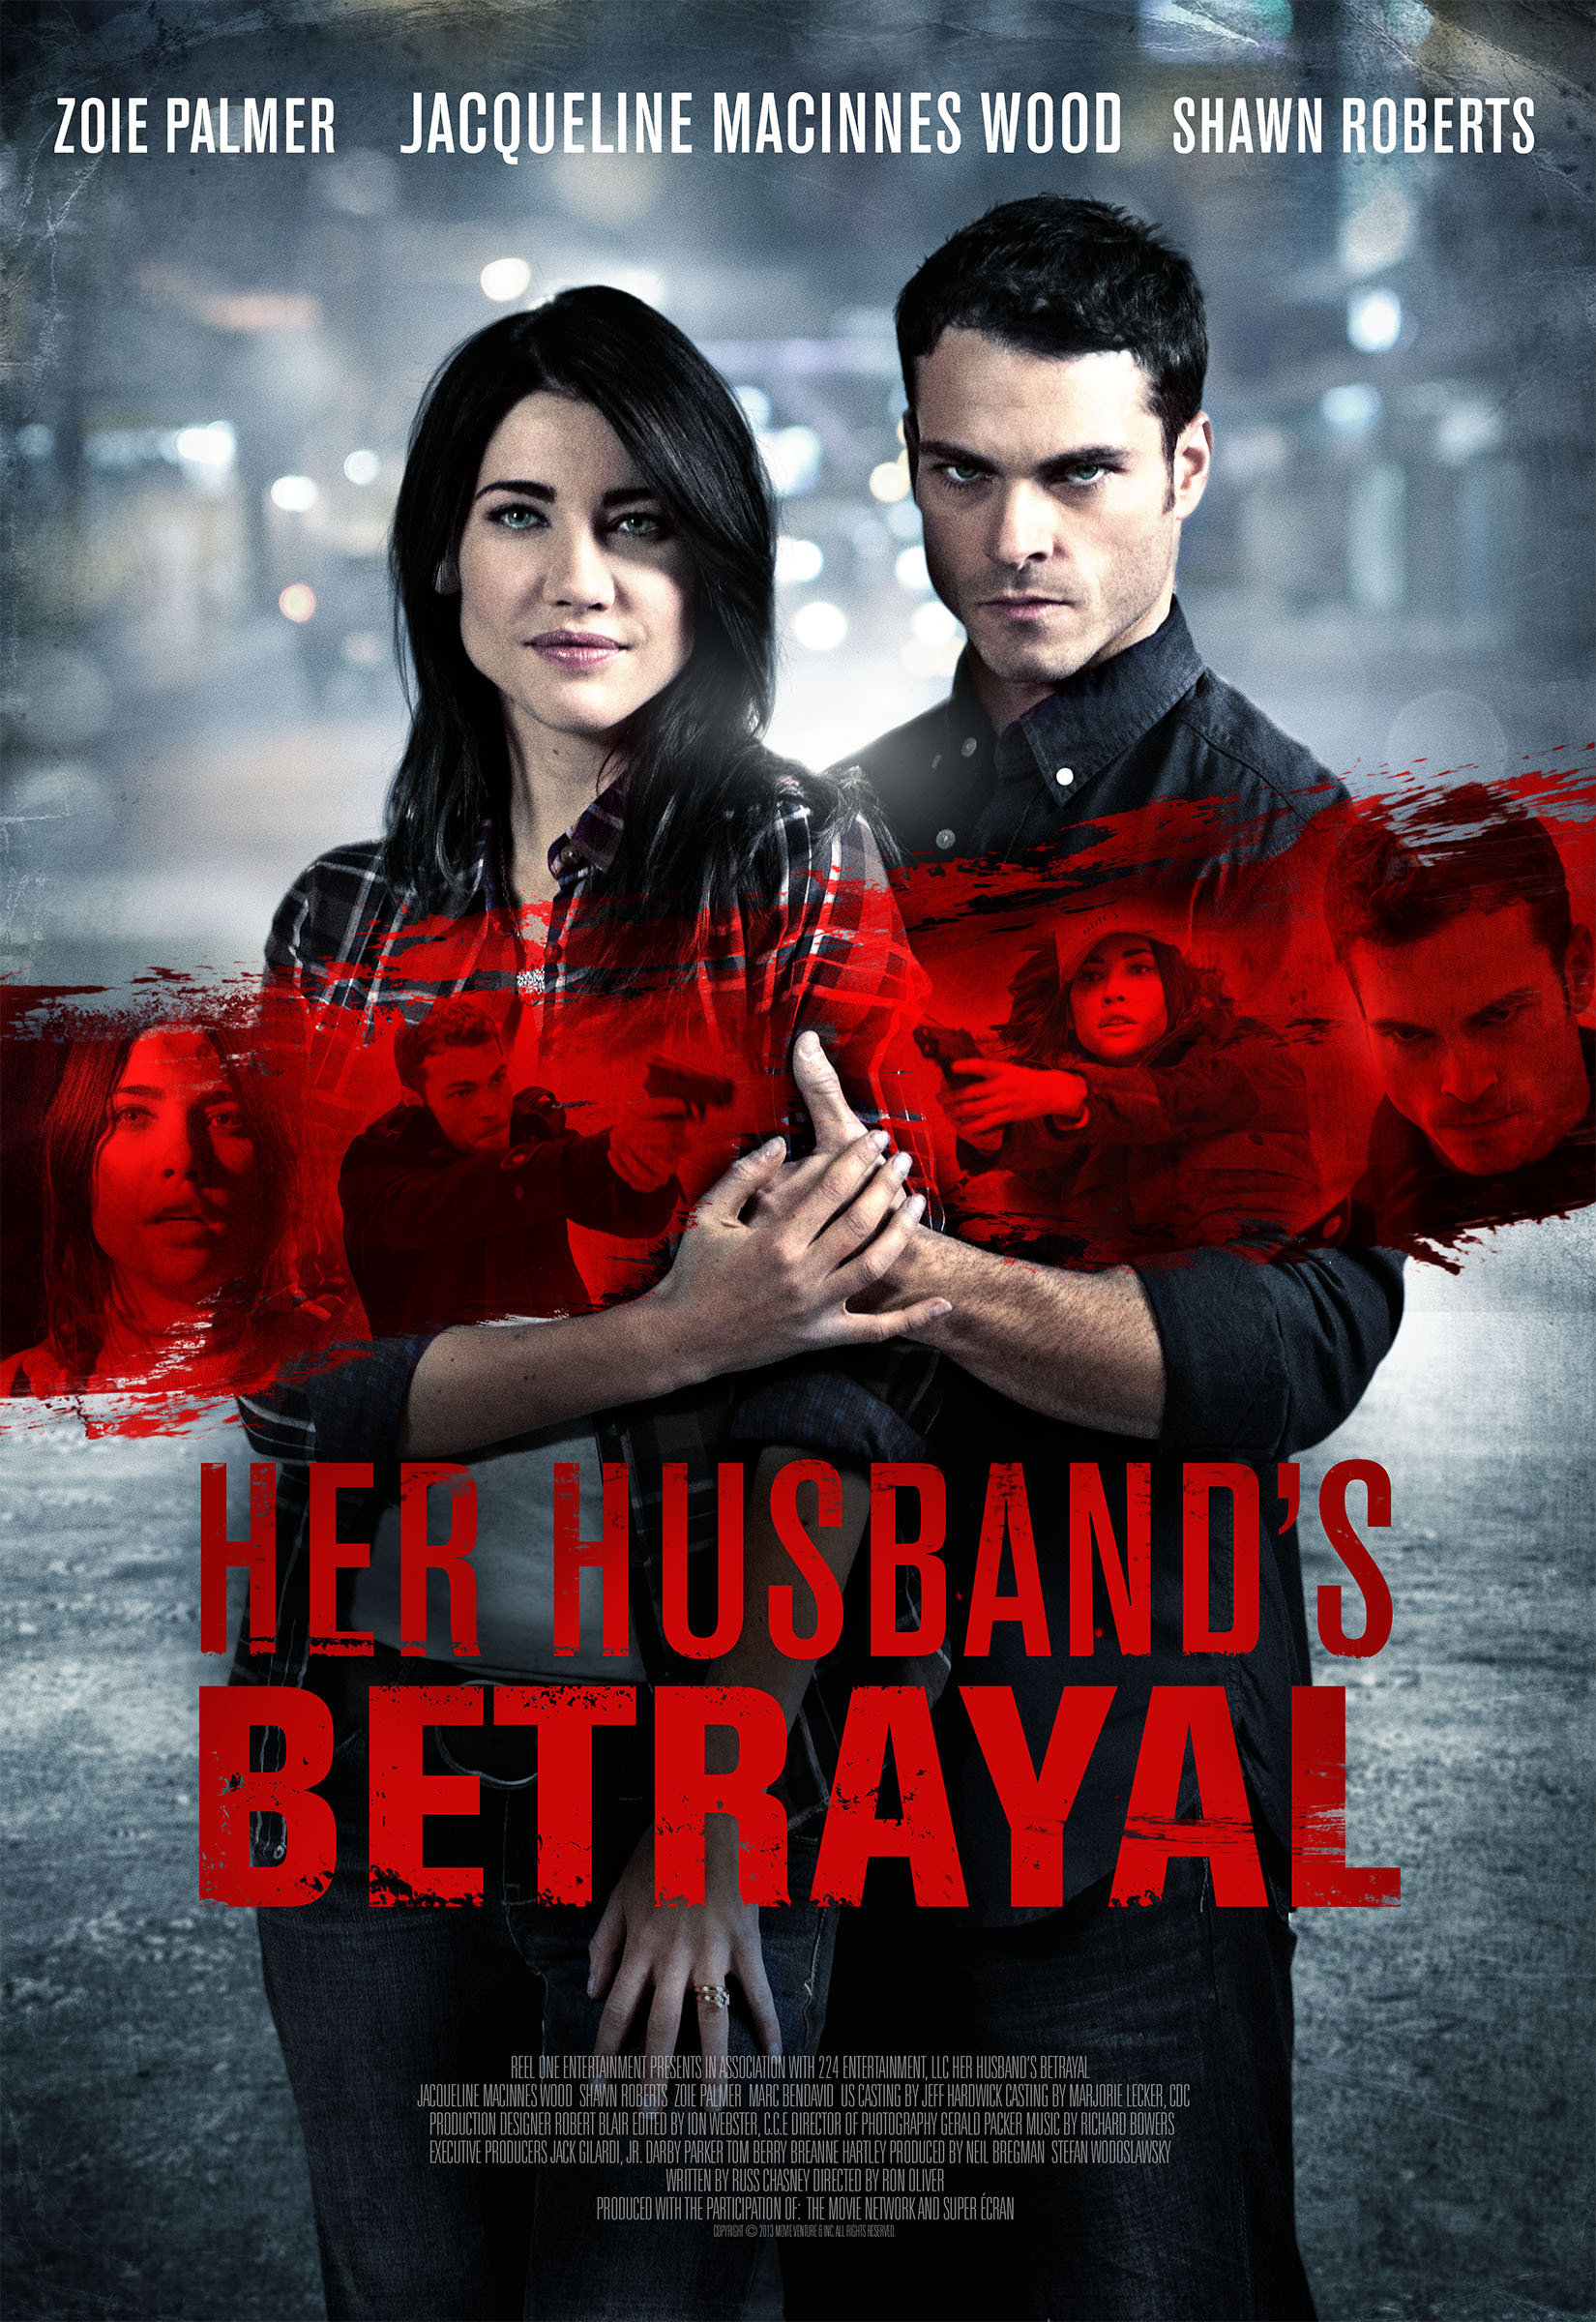 Her Husbands Betrayal